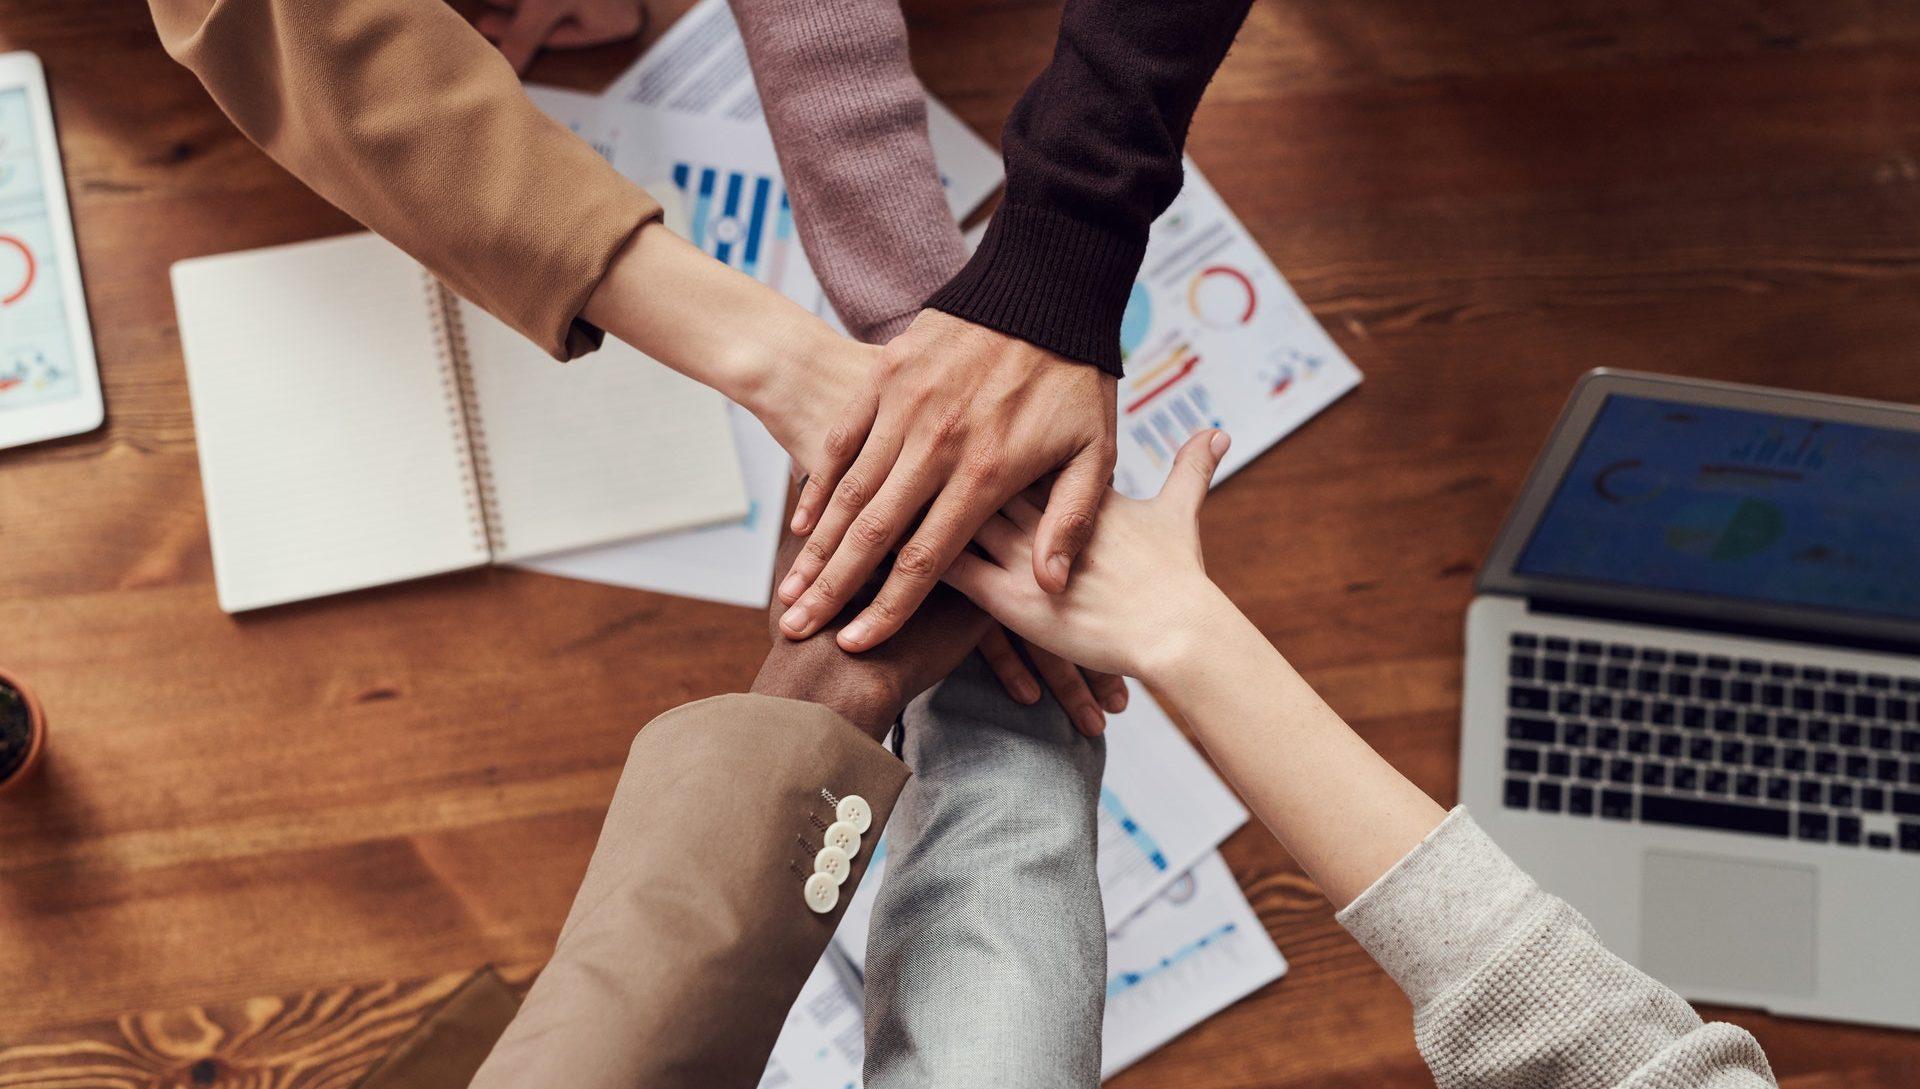 Digitale Produktentwicklung ist Teamwork – unsere Digital Innovation Trainees berichten.